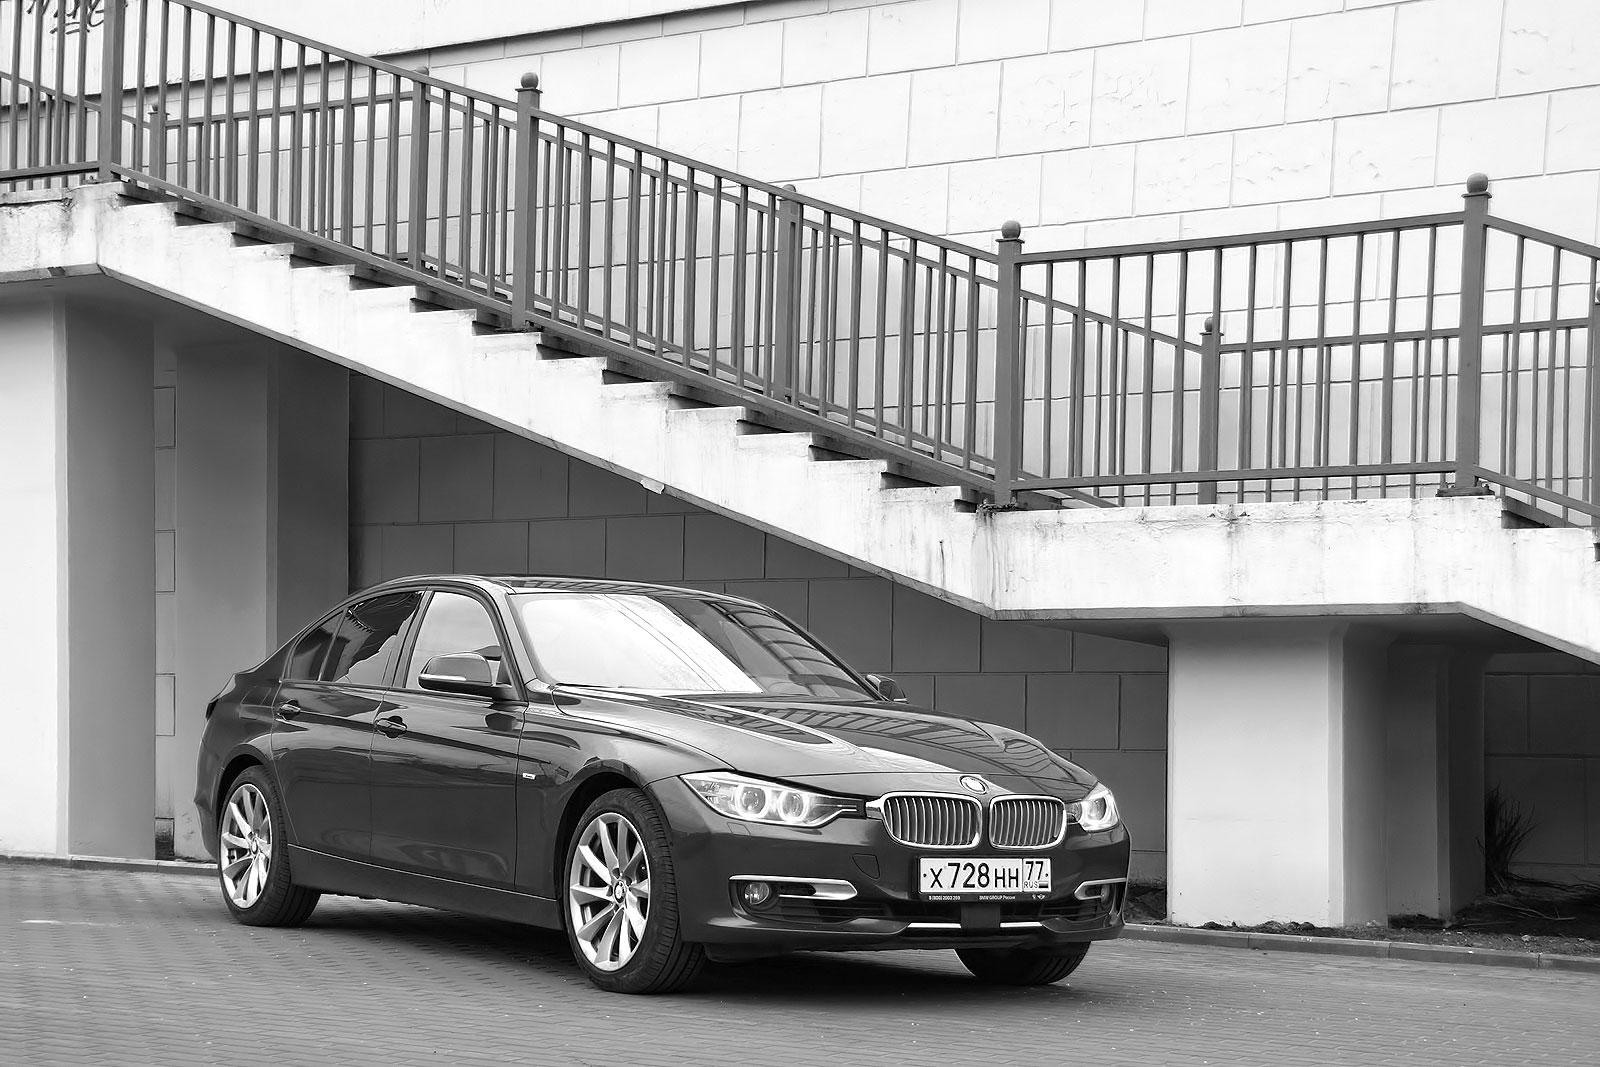 BMW 328i xDrive - Технические характеристики